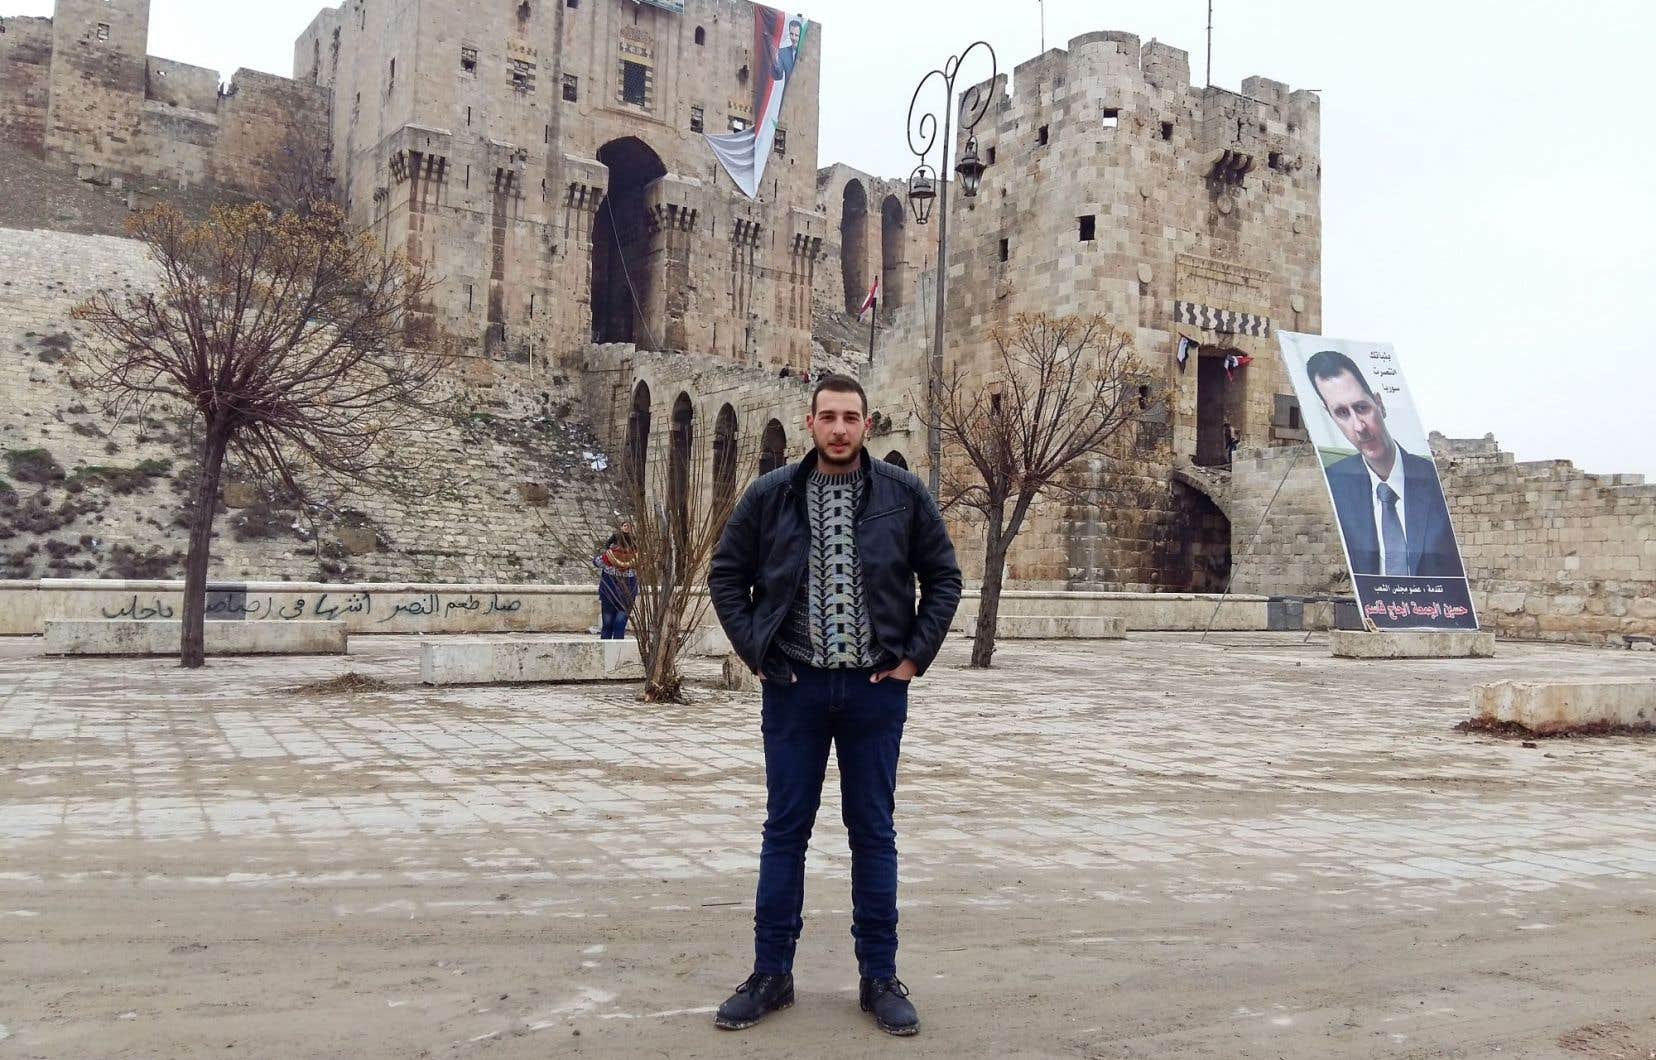 Mon cousin Gio devant la citadelle d'Alep, où ont été installés des portraits géants flambant neufs du président syrien Bachar al-Assad.